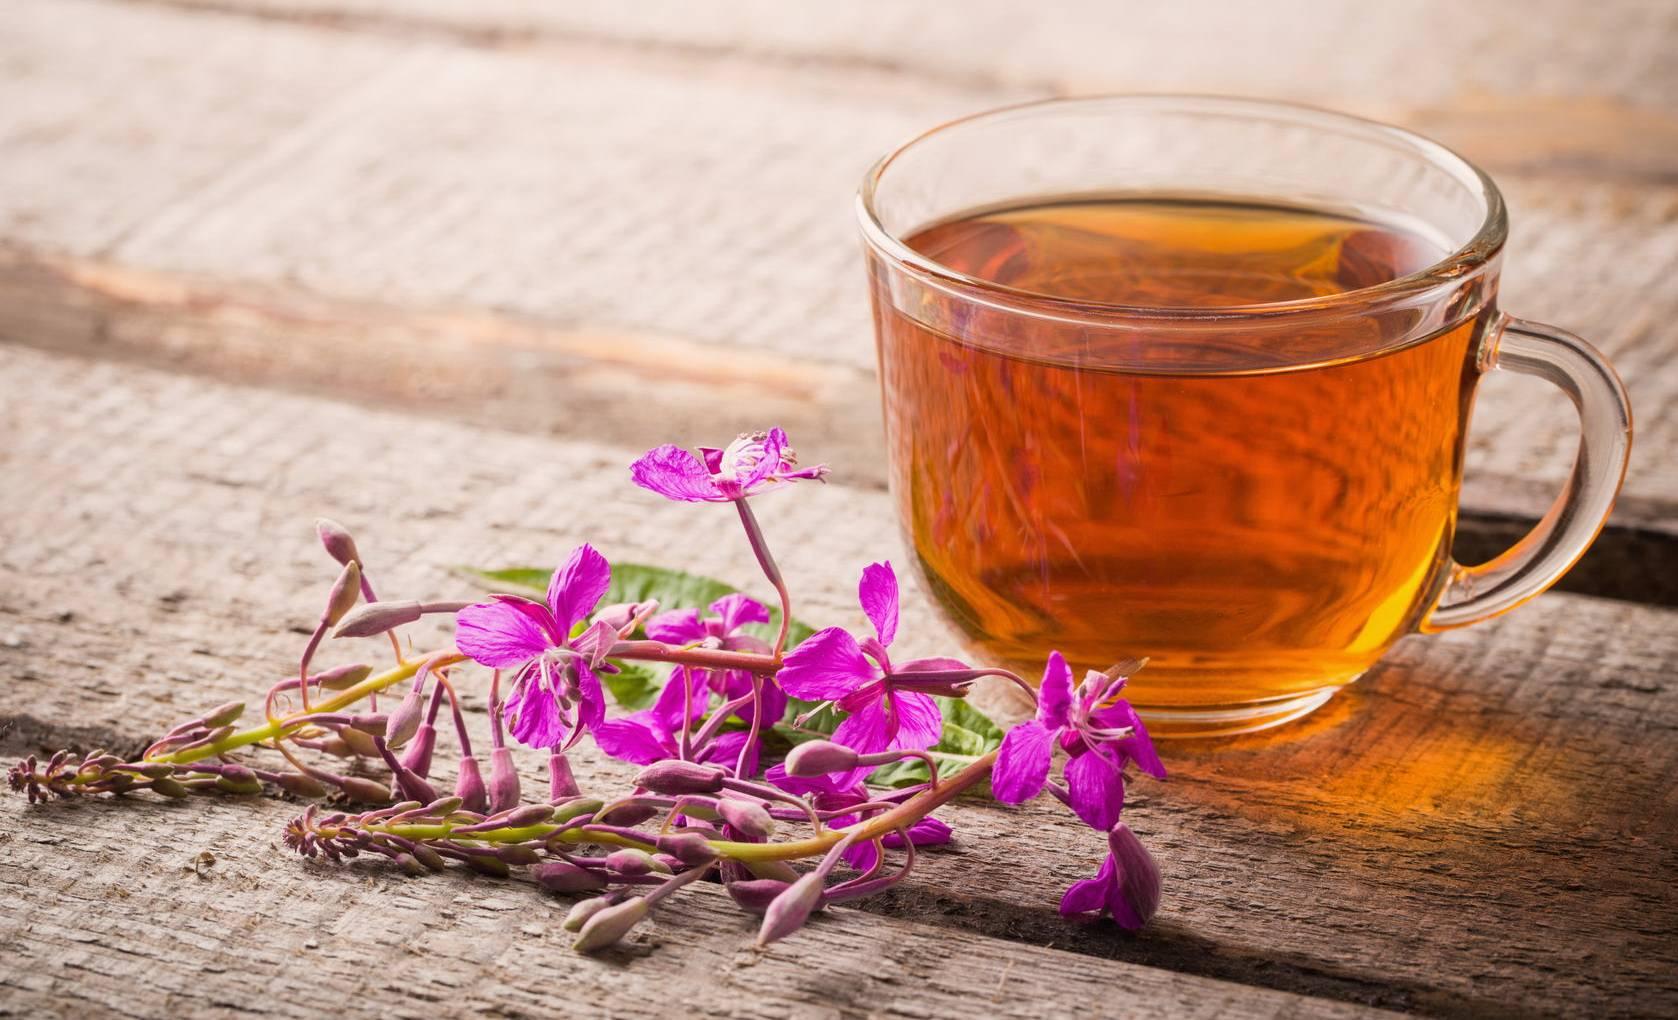 Иван-чай при сахарном диабете 2 типа – описание растения, показания, противопоказания, клиническая эффективность и полезные свойства